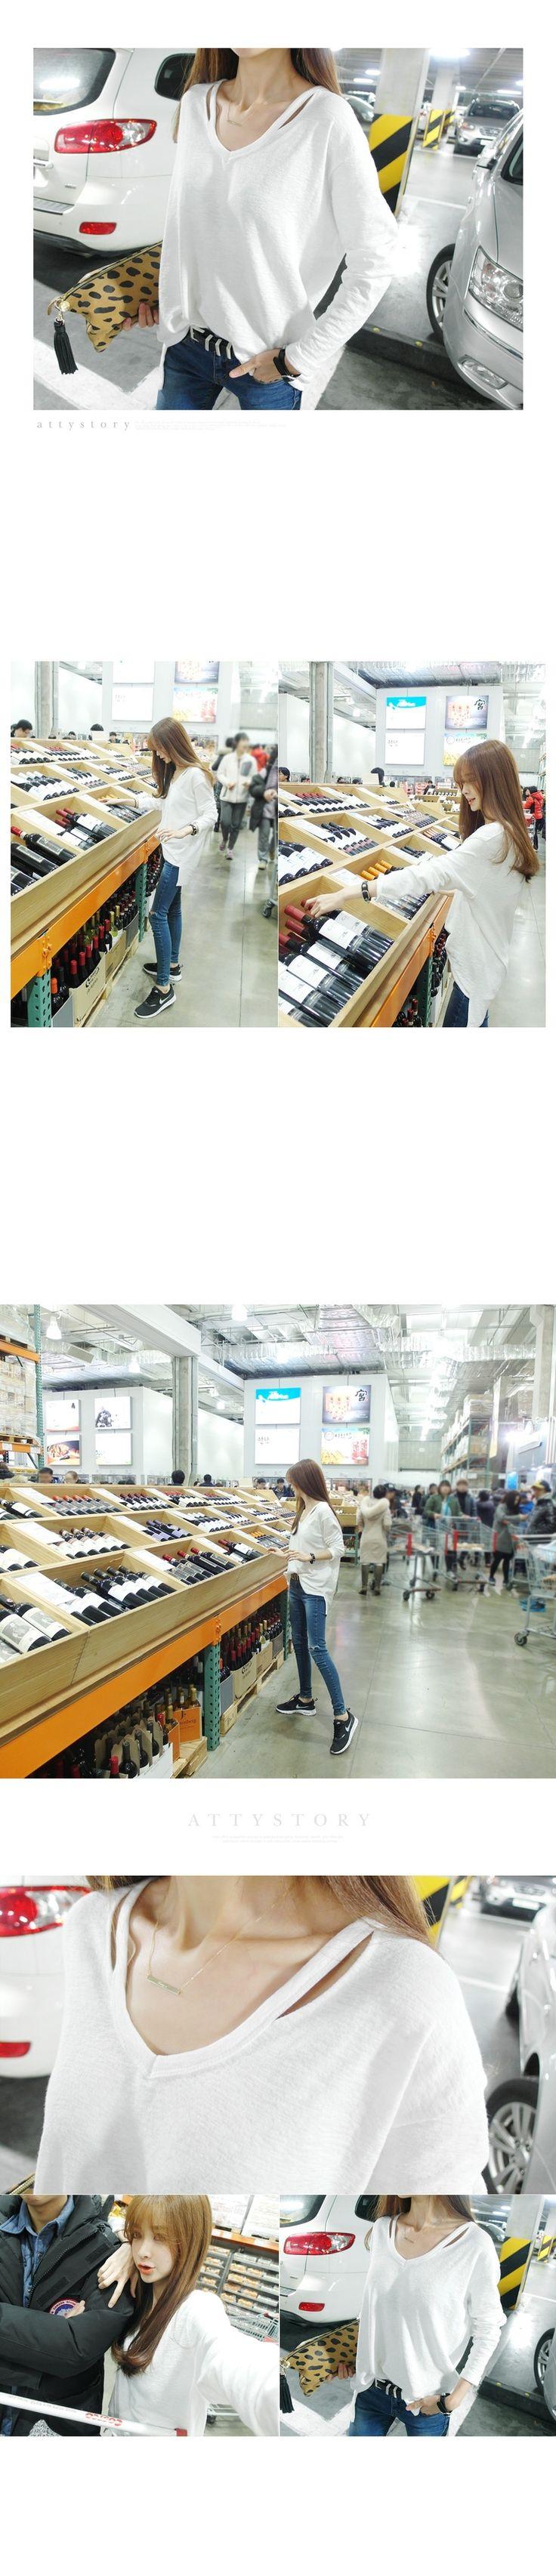 2017 Корея осень и зима женщин длинный абзац сплошной цвет большой размер свободный V-образным вырезом длинный рукав простой белый бамбук хлопок футболка - Taobao